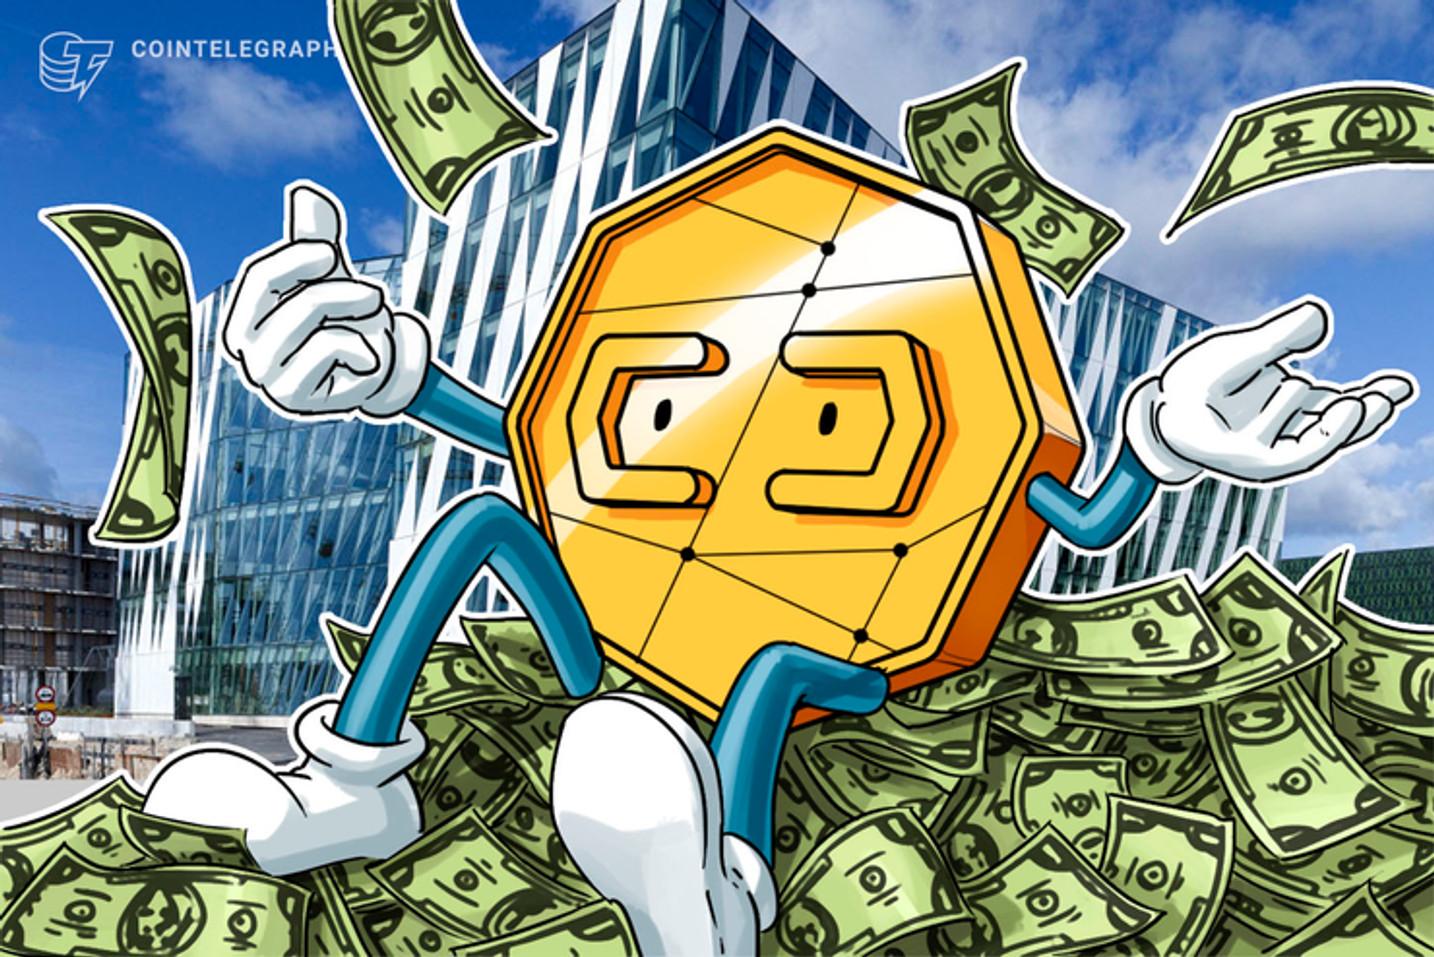 JP Morgan anuncia suporte para corretoras de criptomoedas após CEO do banco ter chamado Bitcoin de fraude